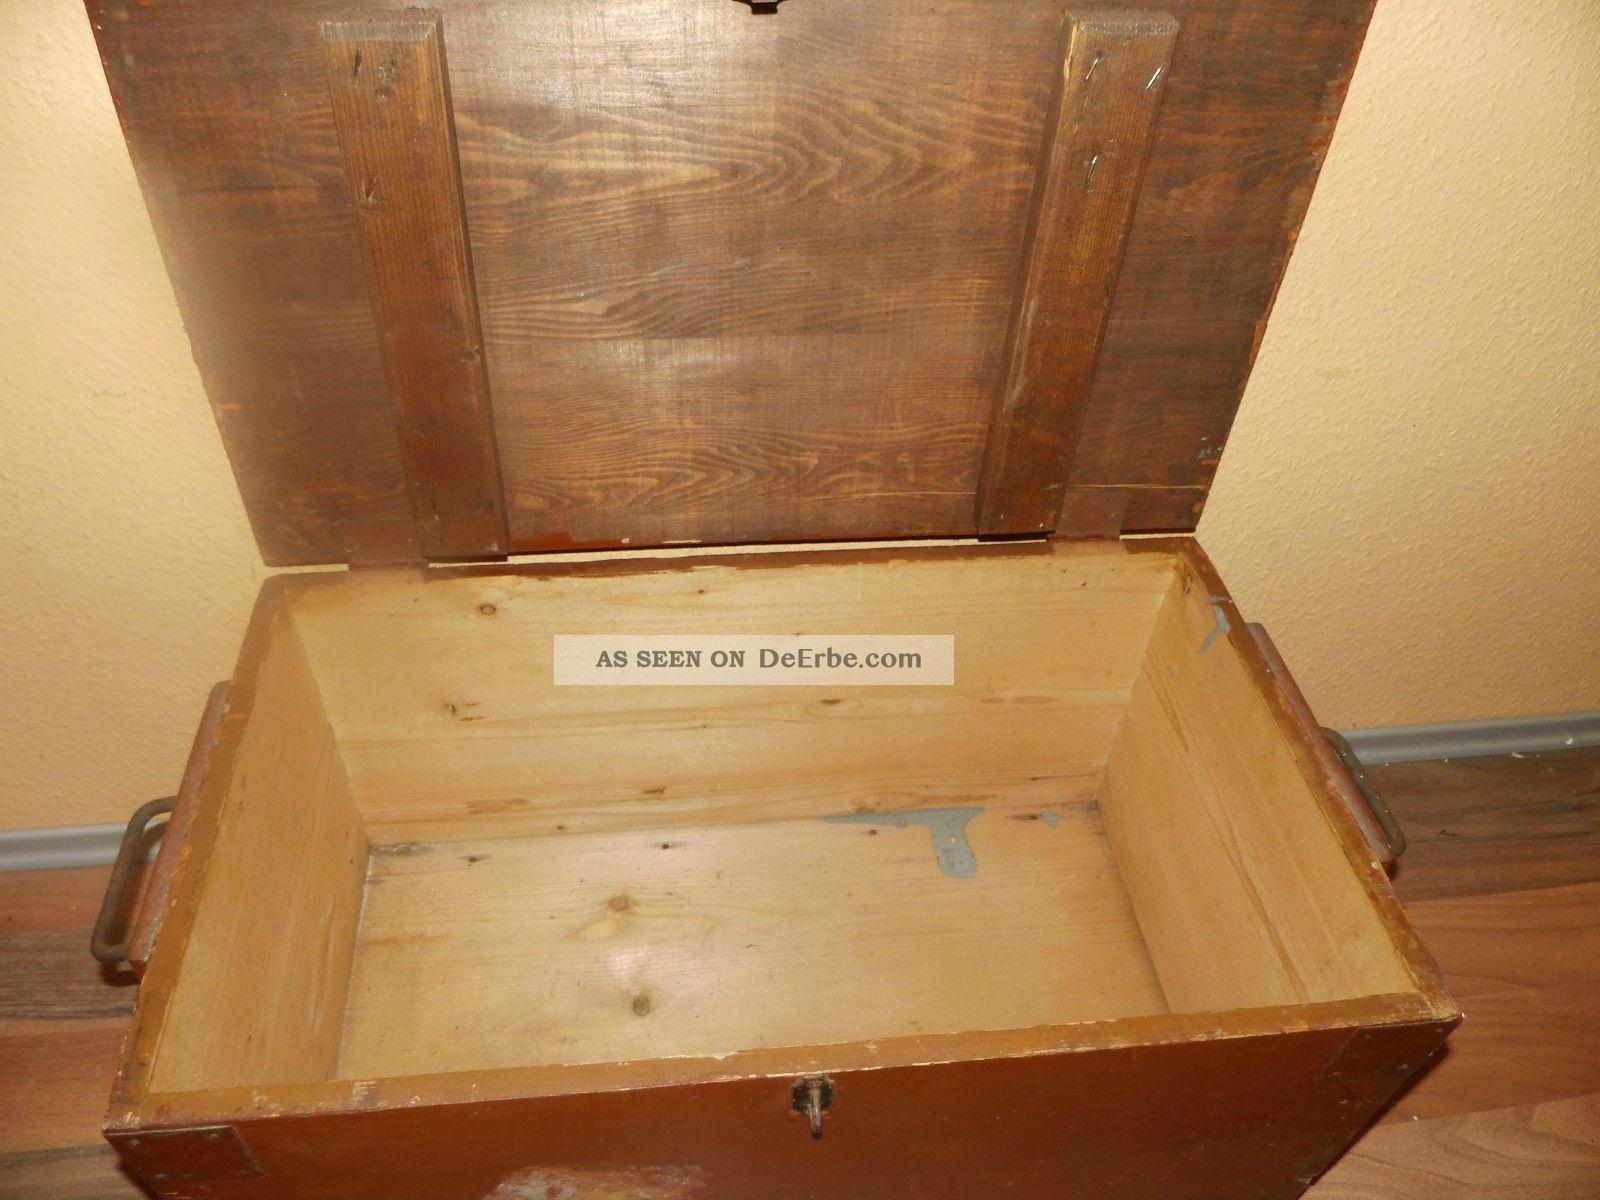 alte antike frachtkiste truhe holztruhe kiste holzkiste koffer couchtisch. Black Bedroom Furniture Sets. Home Design Ideas